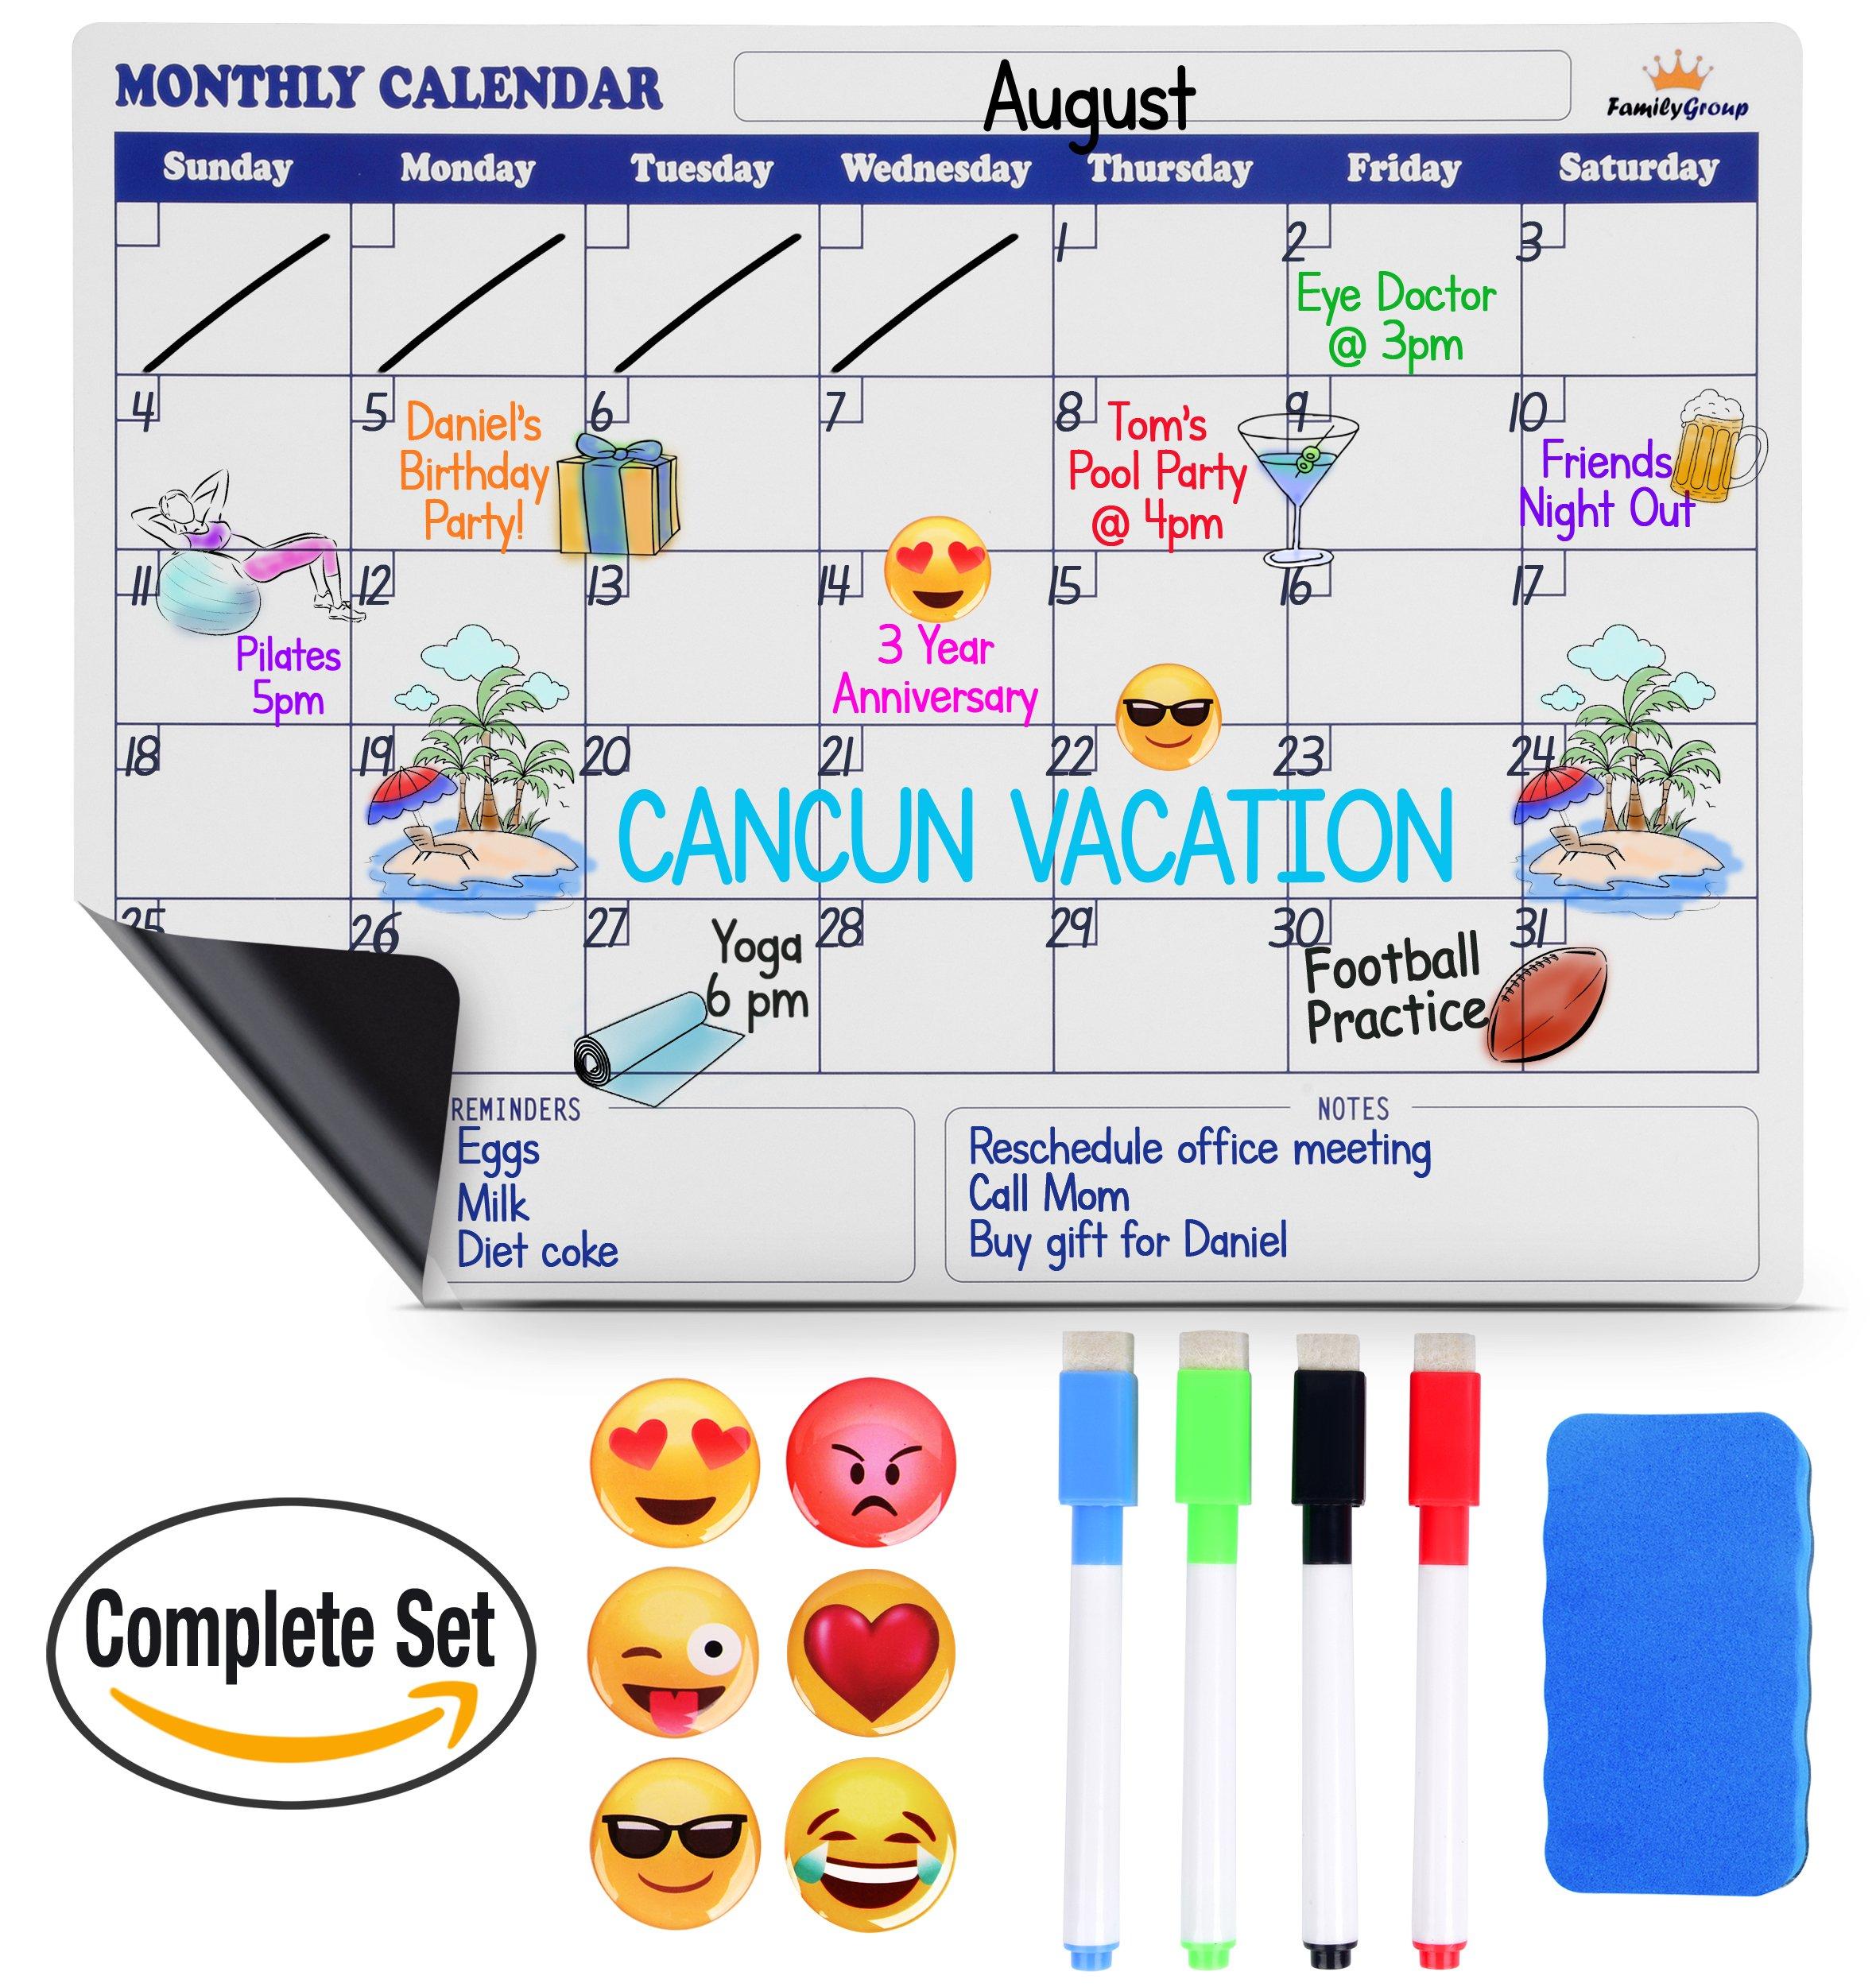 Magnetic Dry Erase Calendar for Fridge - Large Monthly Refrigerator Calendar Whiteboard. BONUS 6 Emoji Magnets + 4 Color Markers + Eraser. Kids Organizer List For Kitchen Refrigerator 16''x12'' White